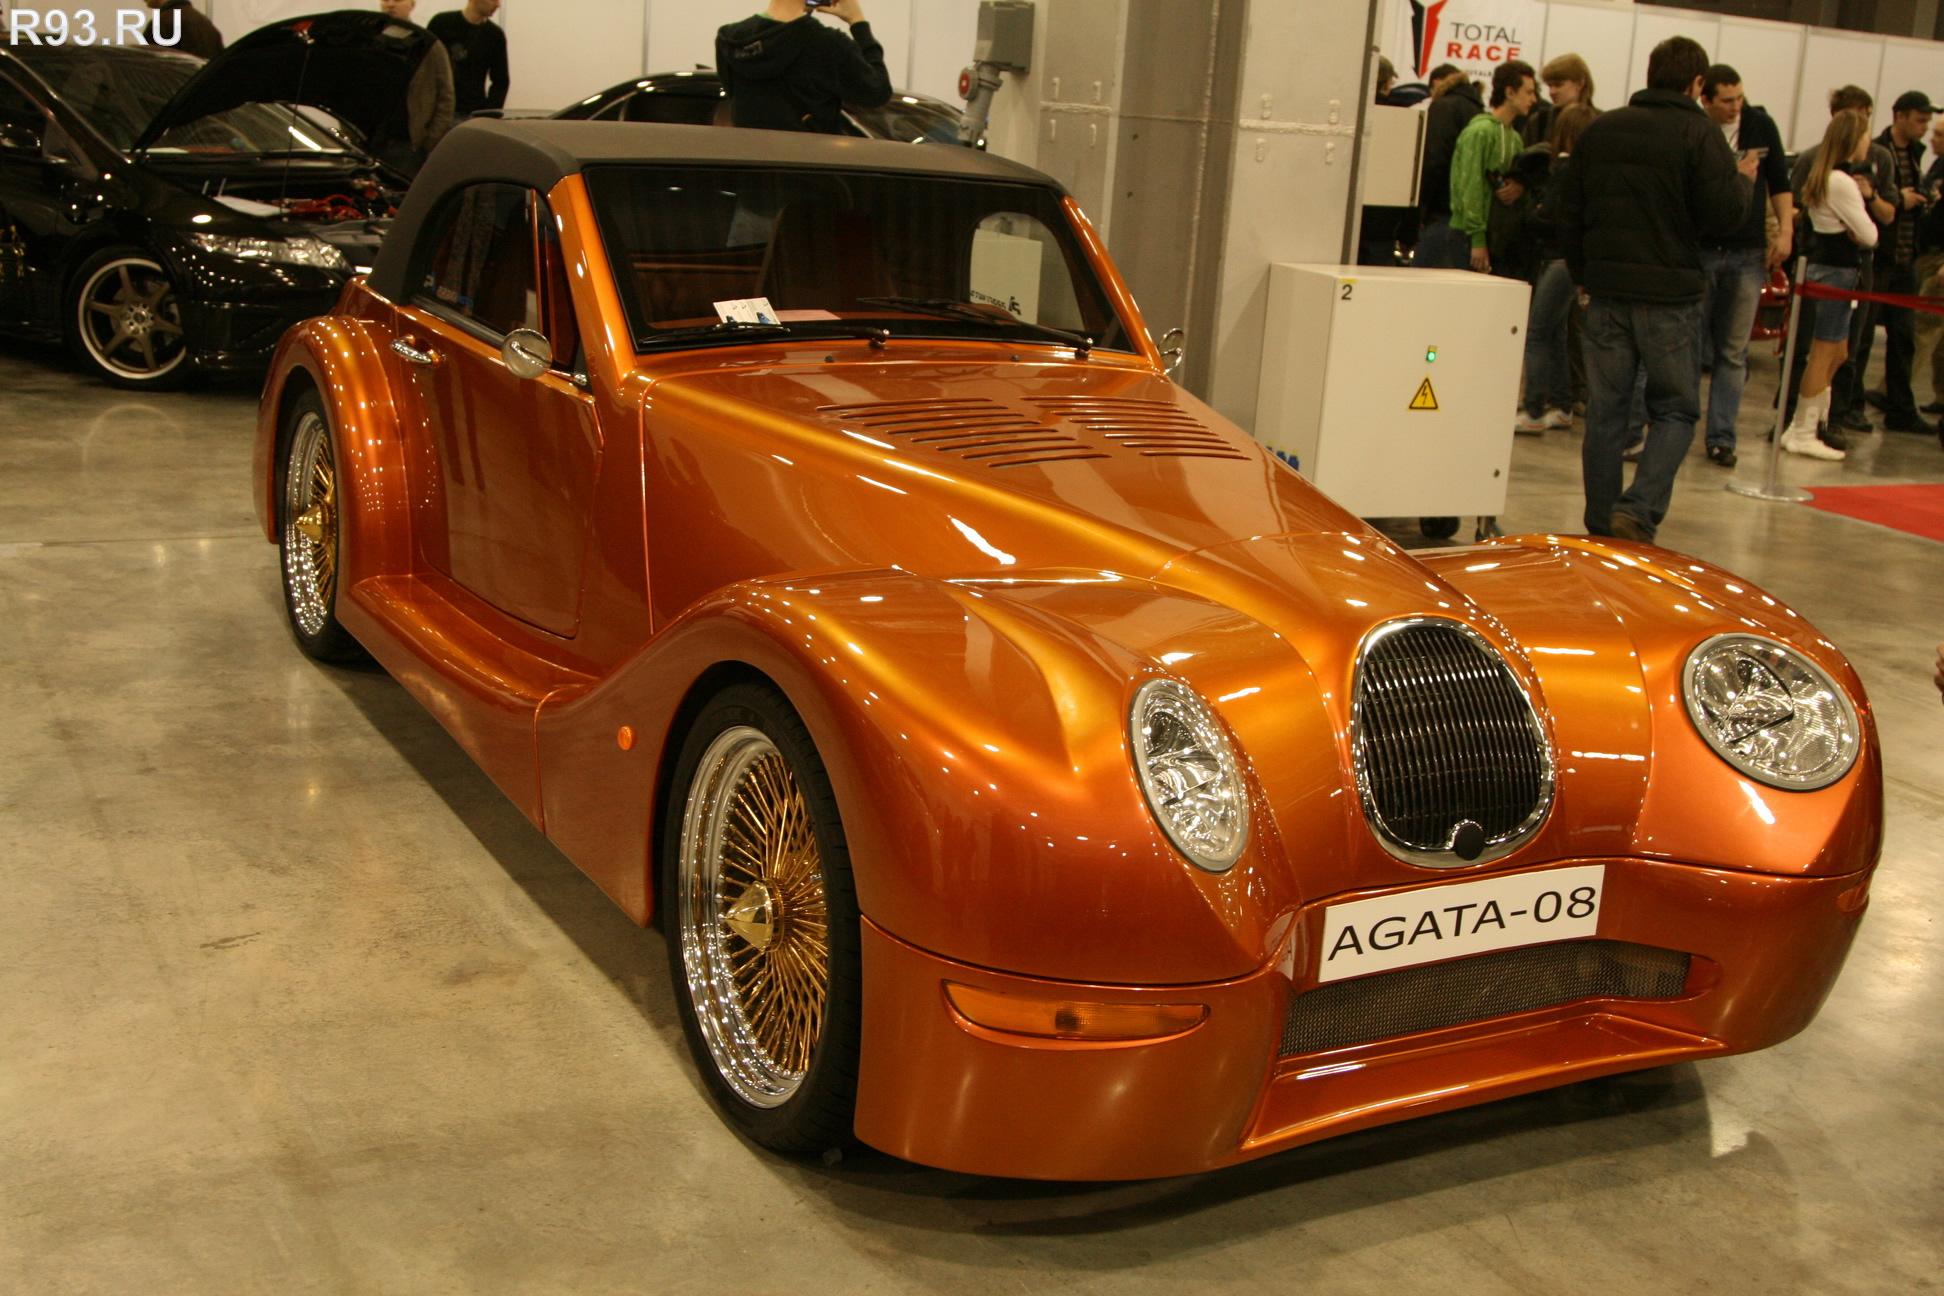 Подержанные автомобили россия